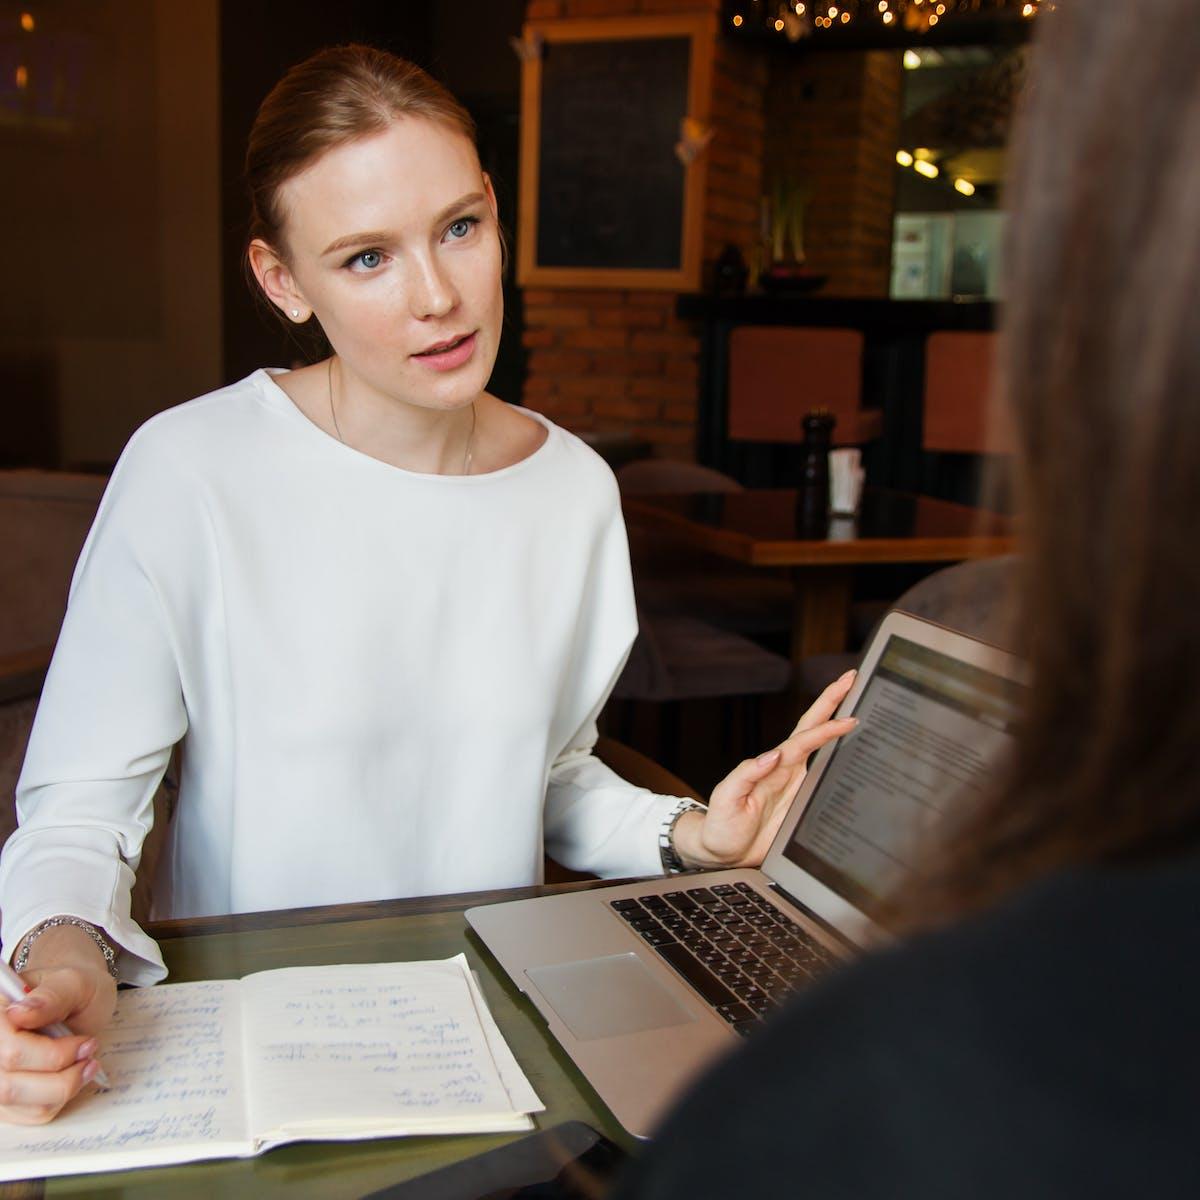 Titelbild-Interview-Jessica-Büst-Generation-Z-GenZ-Frau-Jugendliche-pixabay-3560932-nastya_gepp